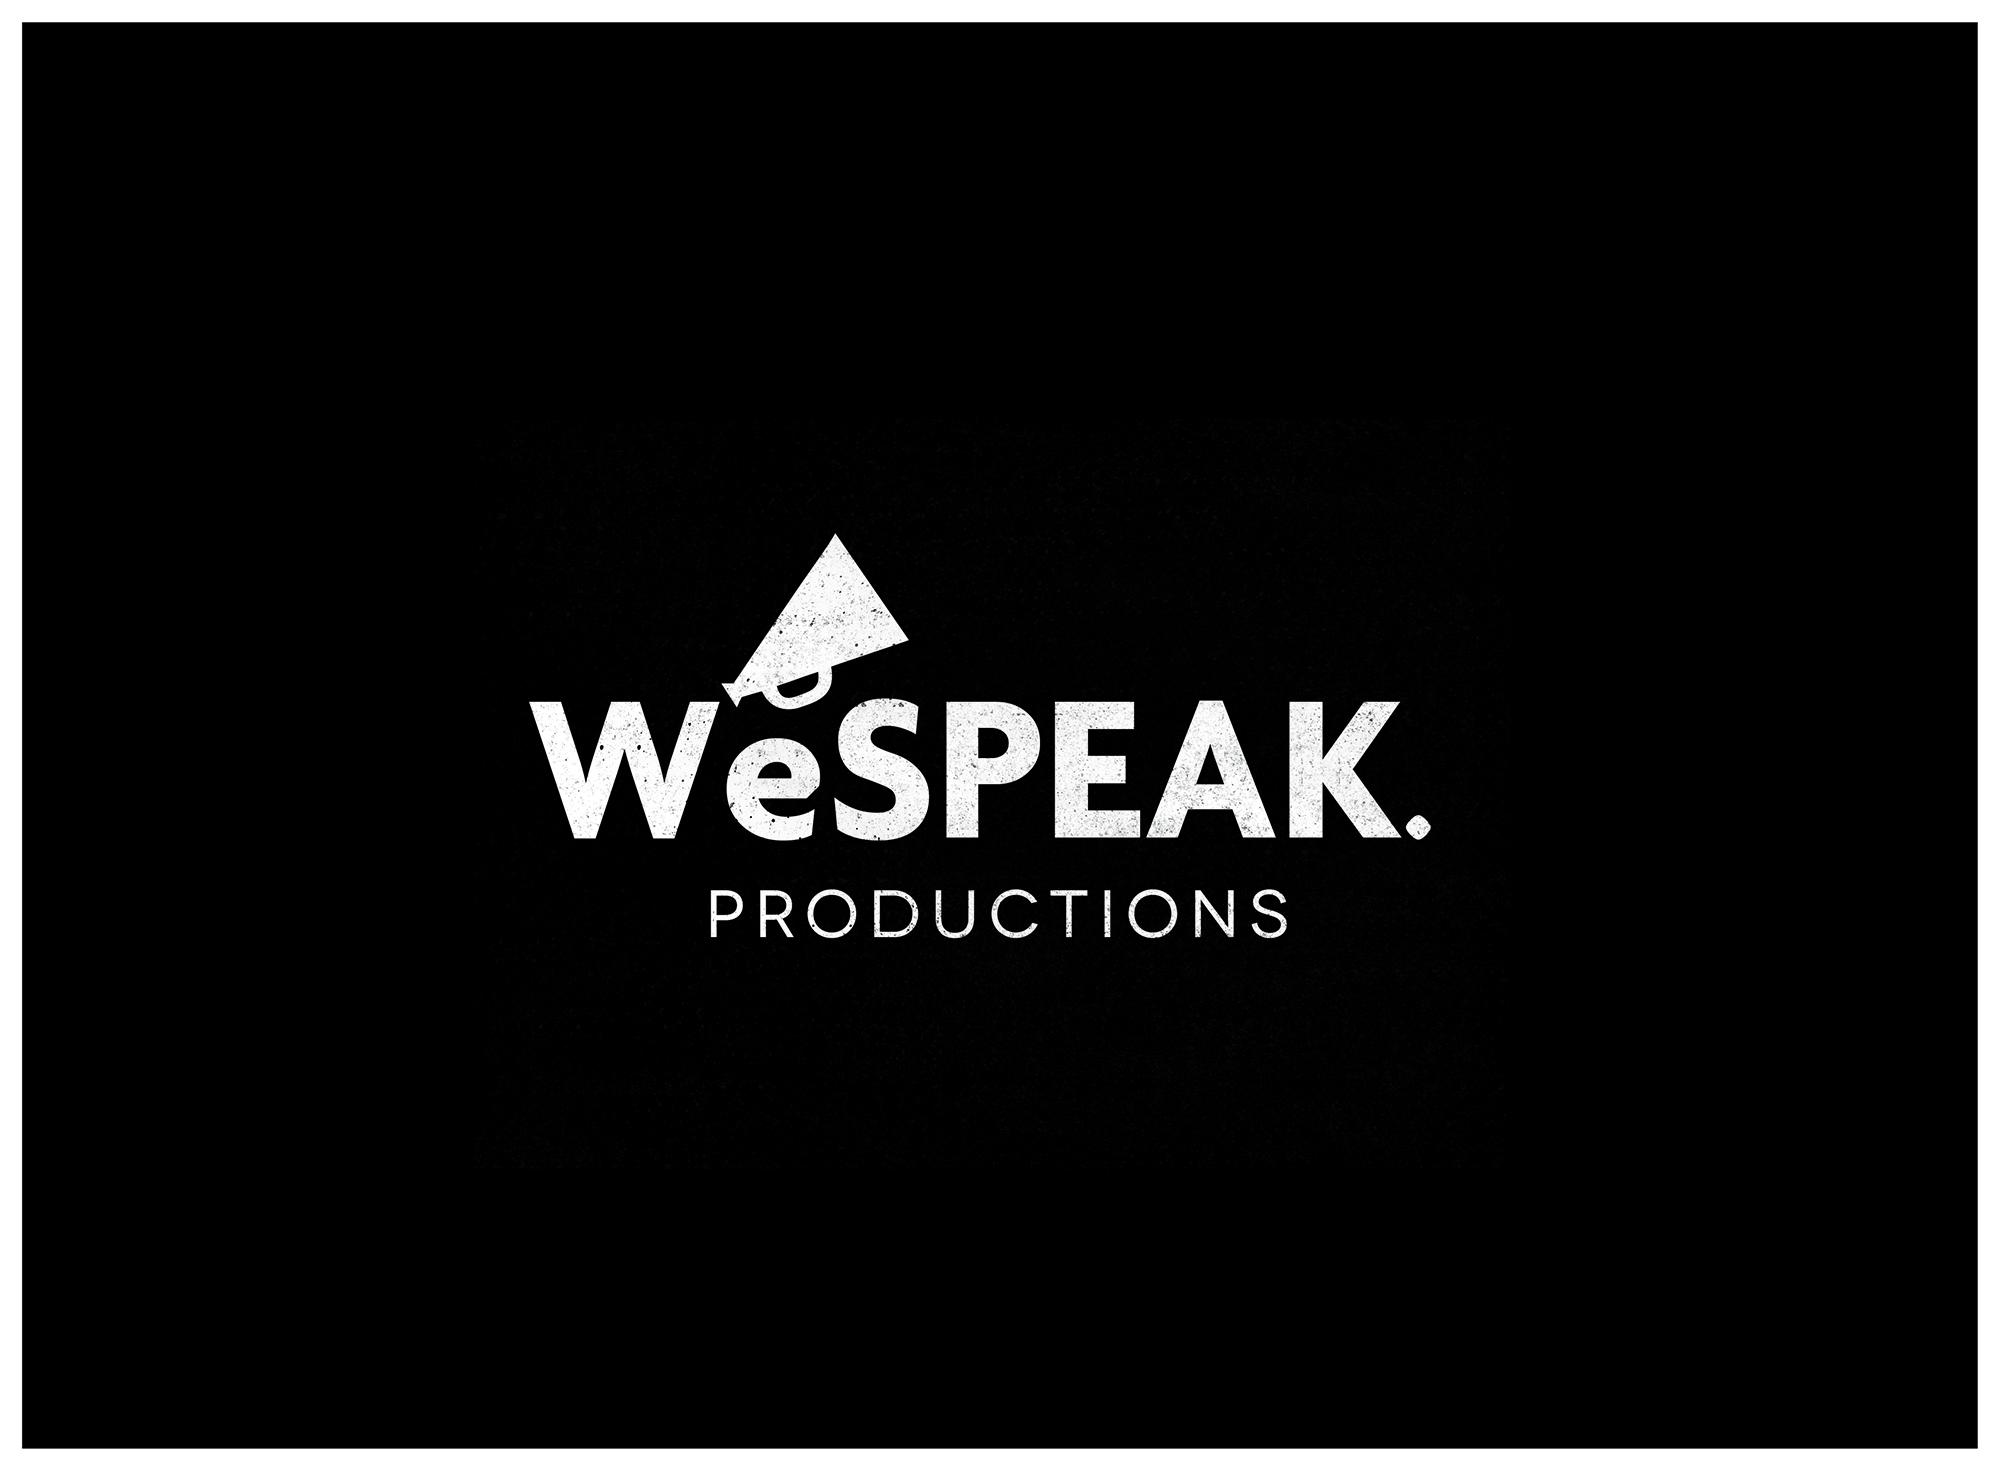 WeSpeak-03.jpg